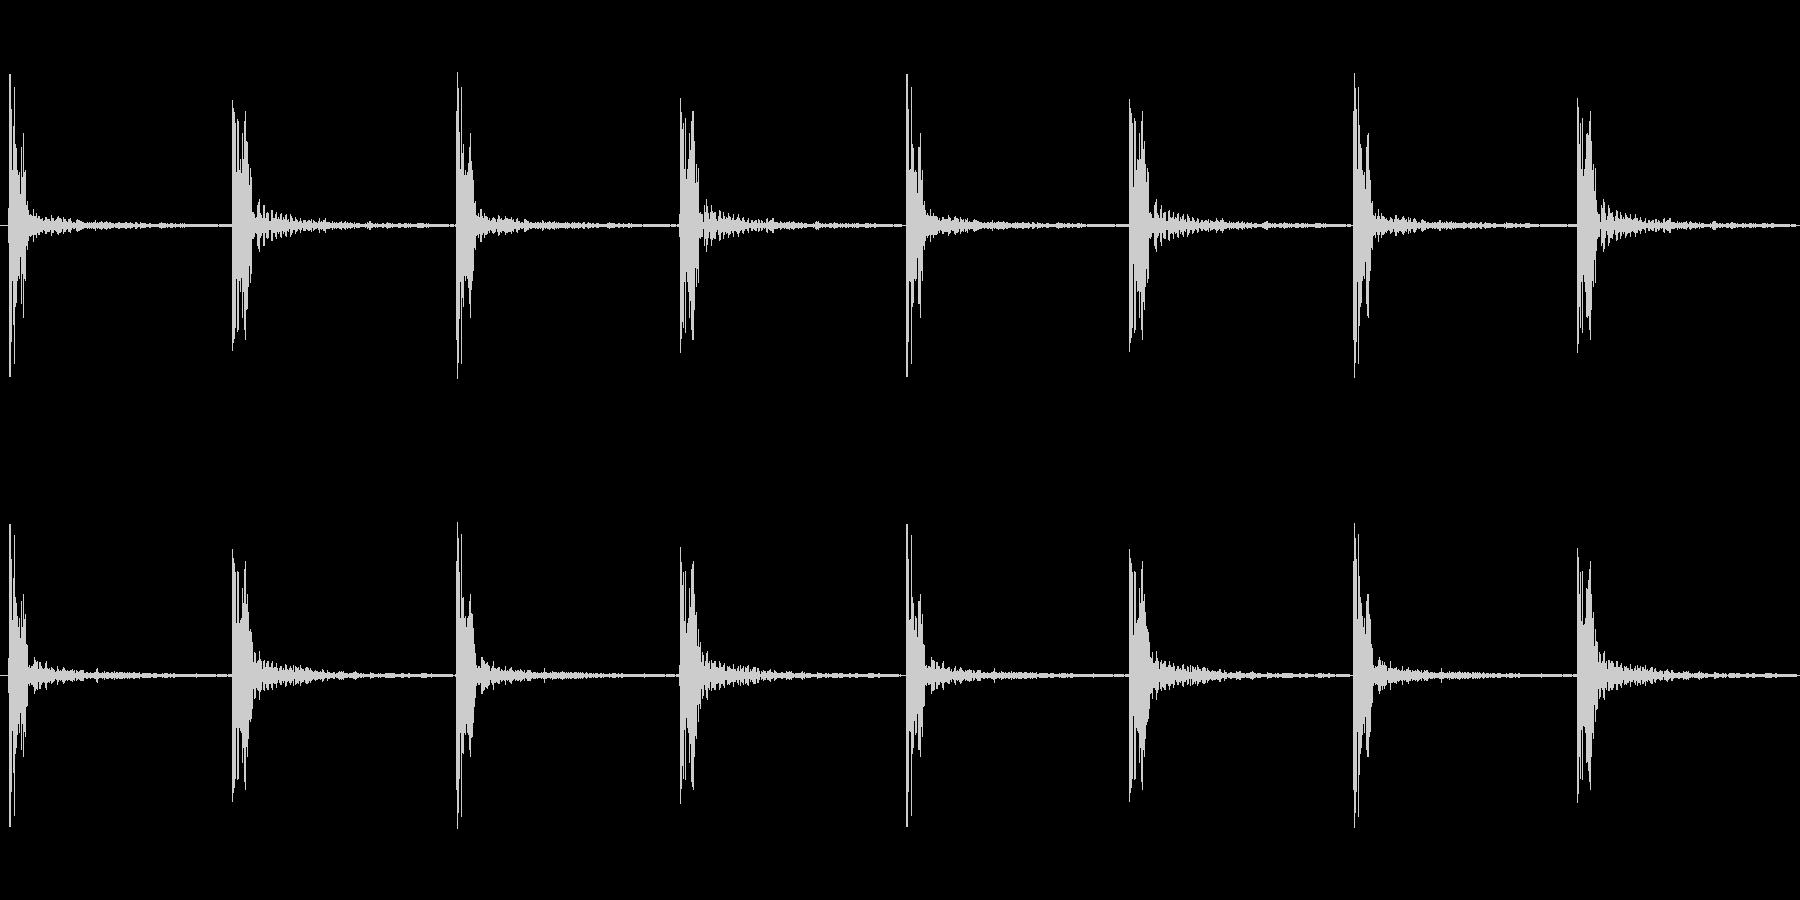 足音 ロング版 重量感あるコミカルな足音の未再生の波形